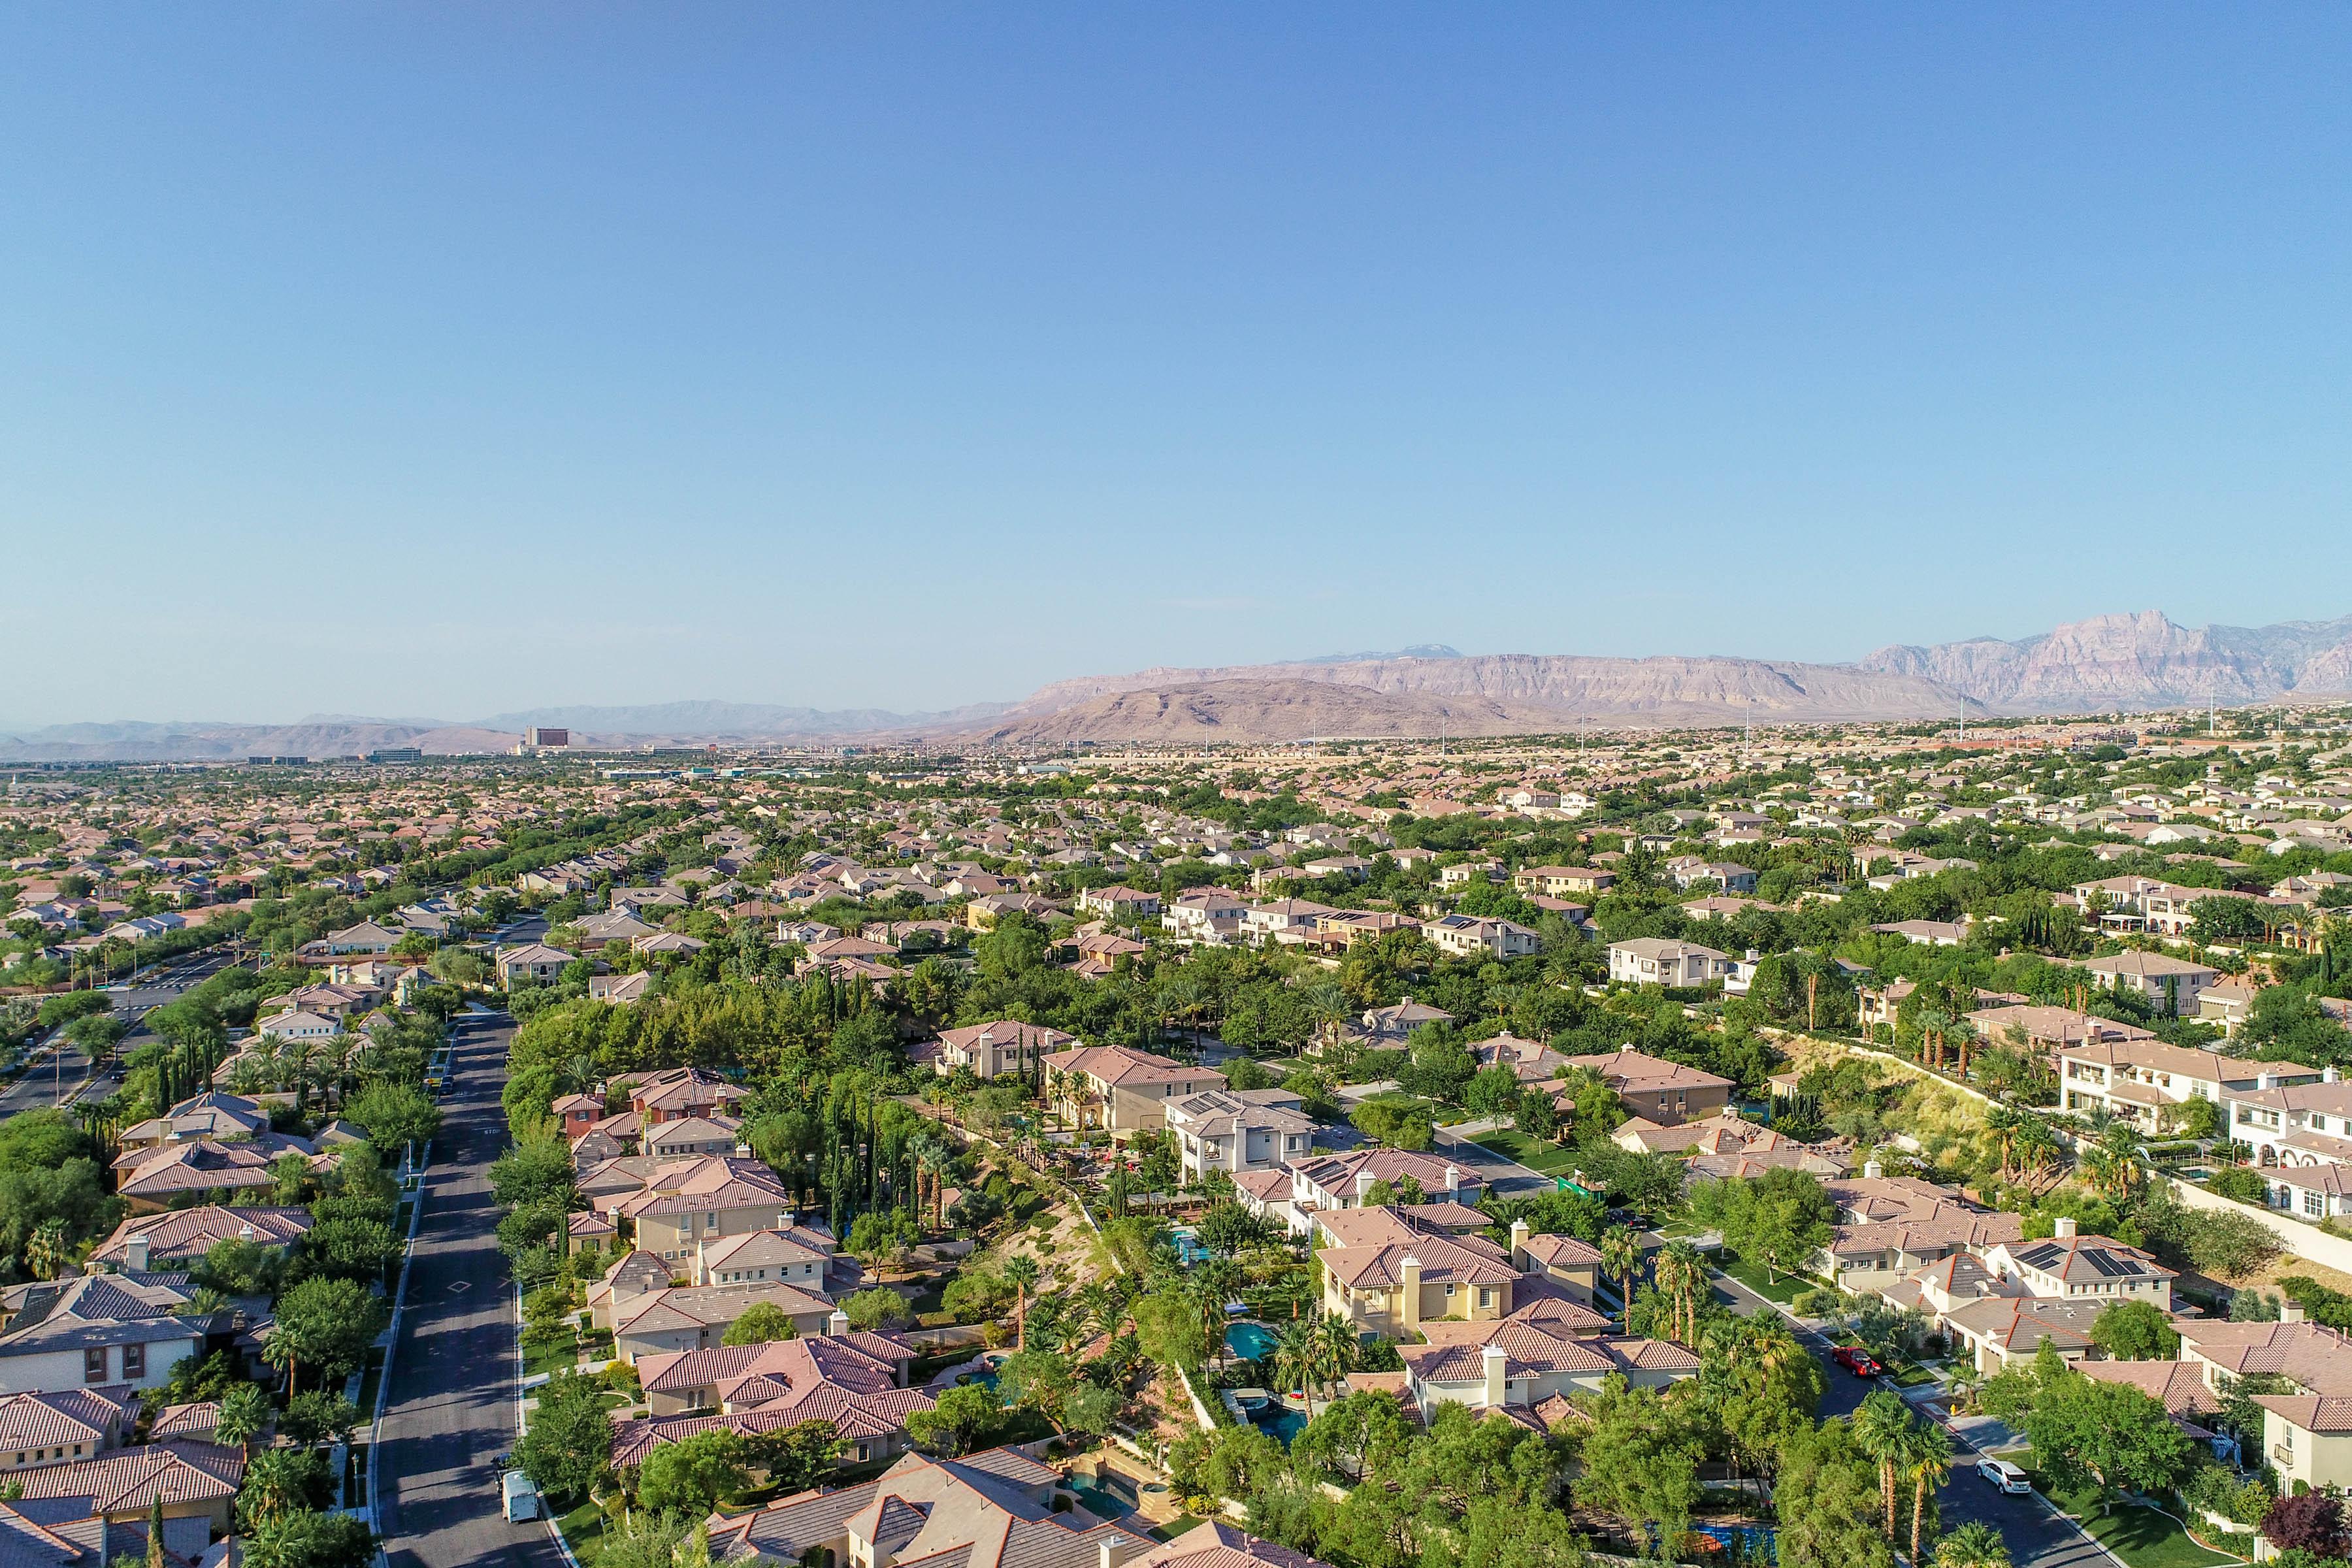 House of the Week: Las Vegas, NV, Summerlin Home